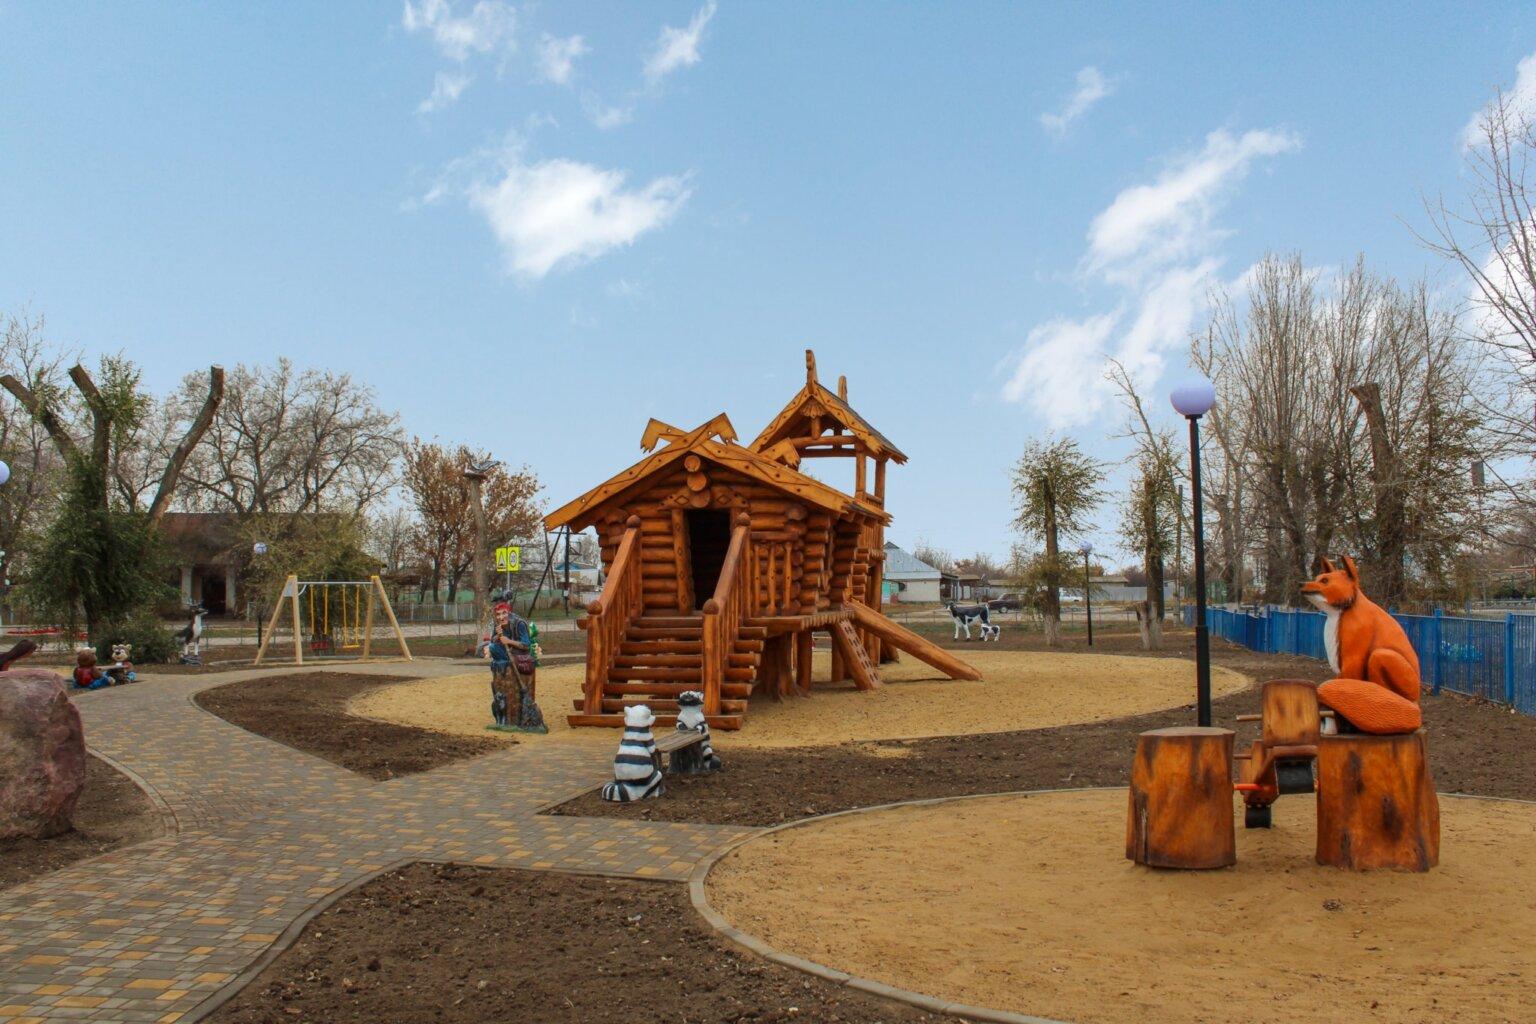 Детская площадка с избушкой на курьих ножках